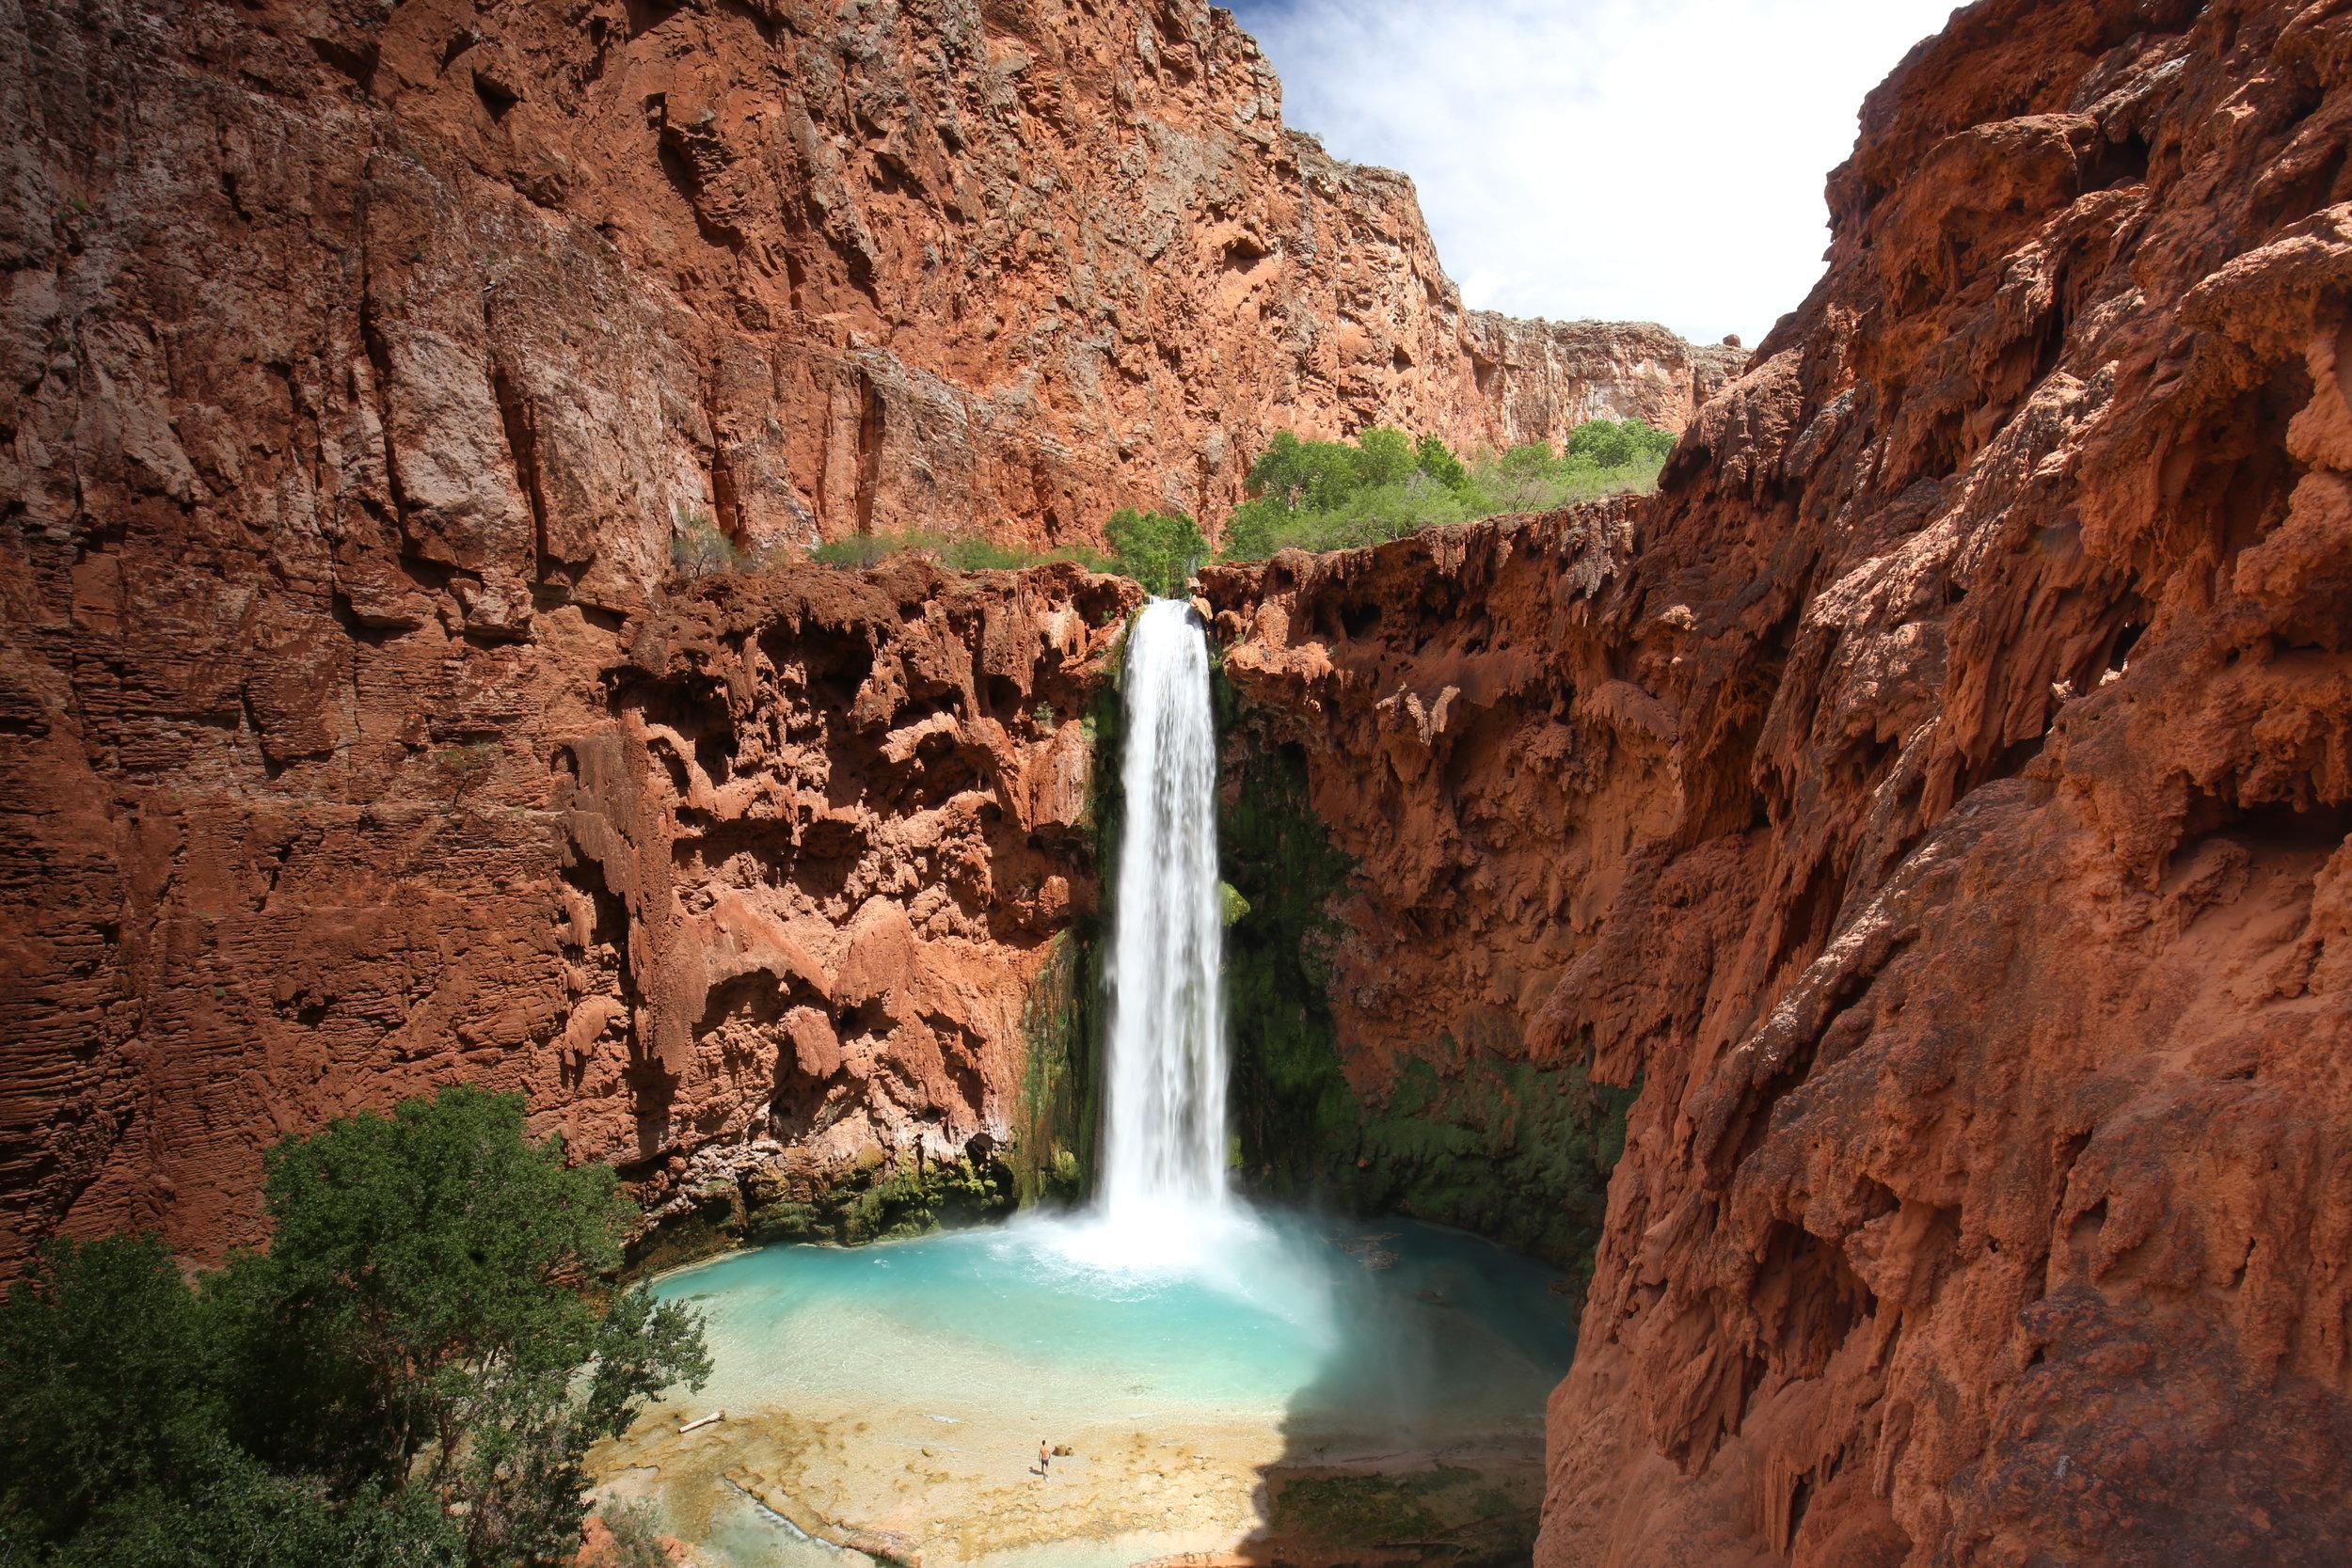 The incredible Mooney Waterfall at Havasupai. Crystal blue waters in red rocks.